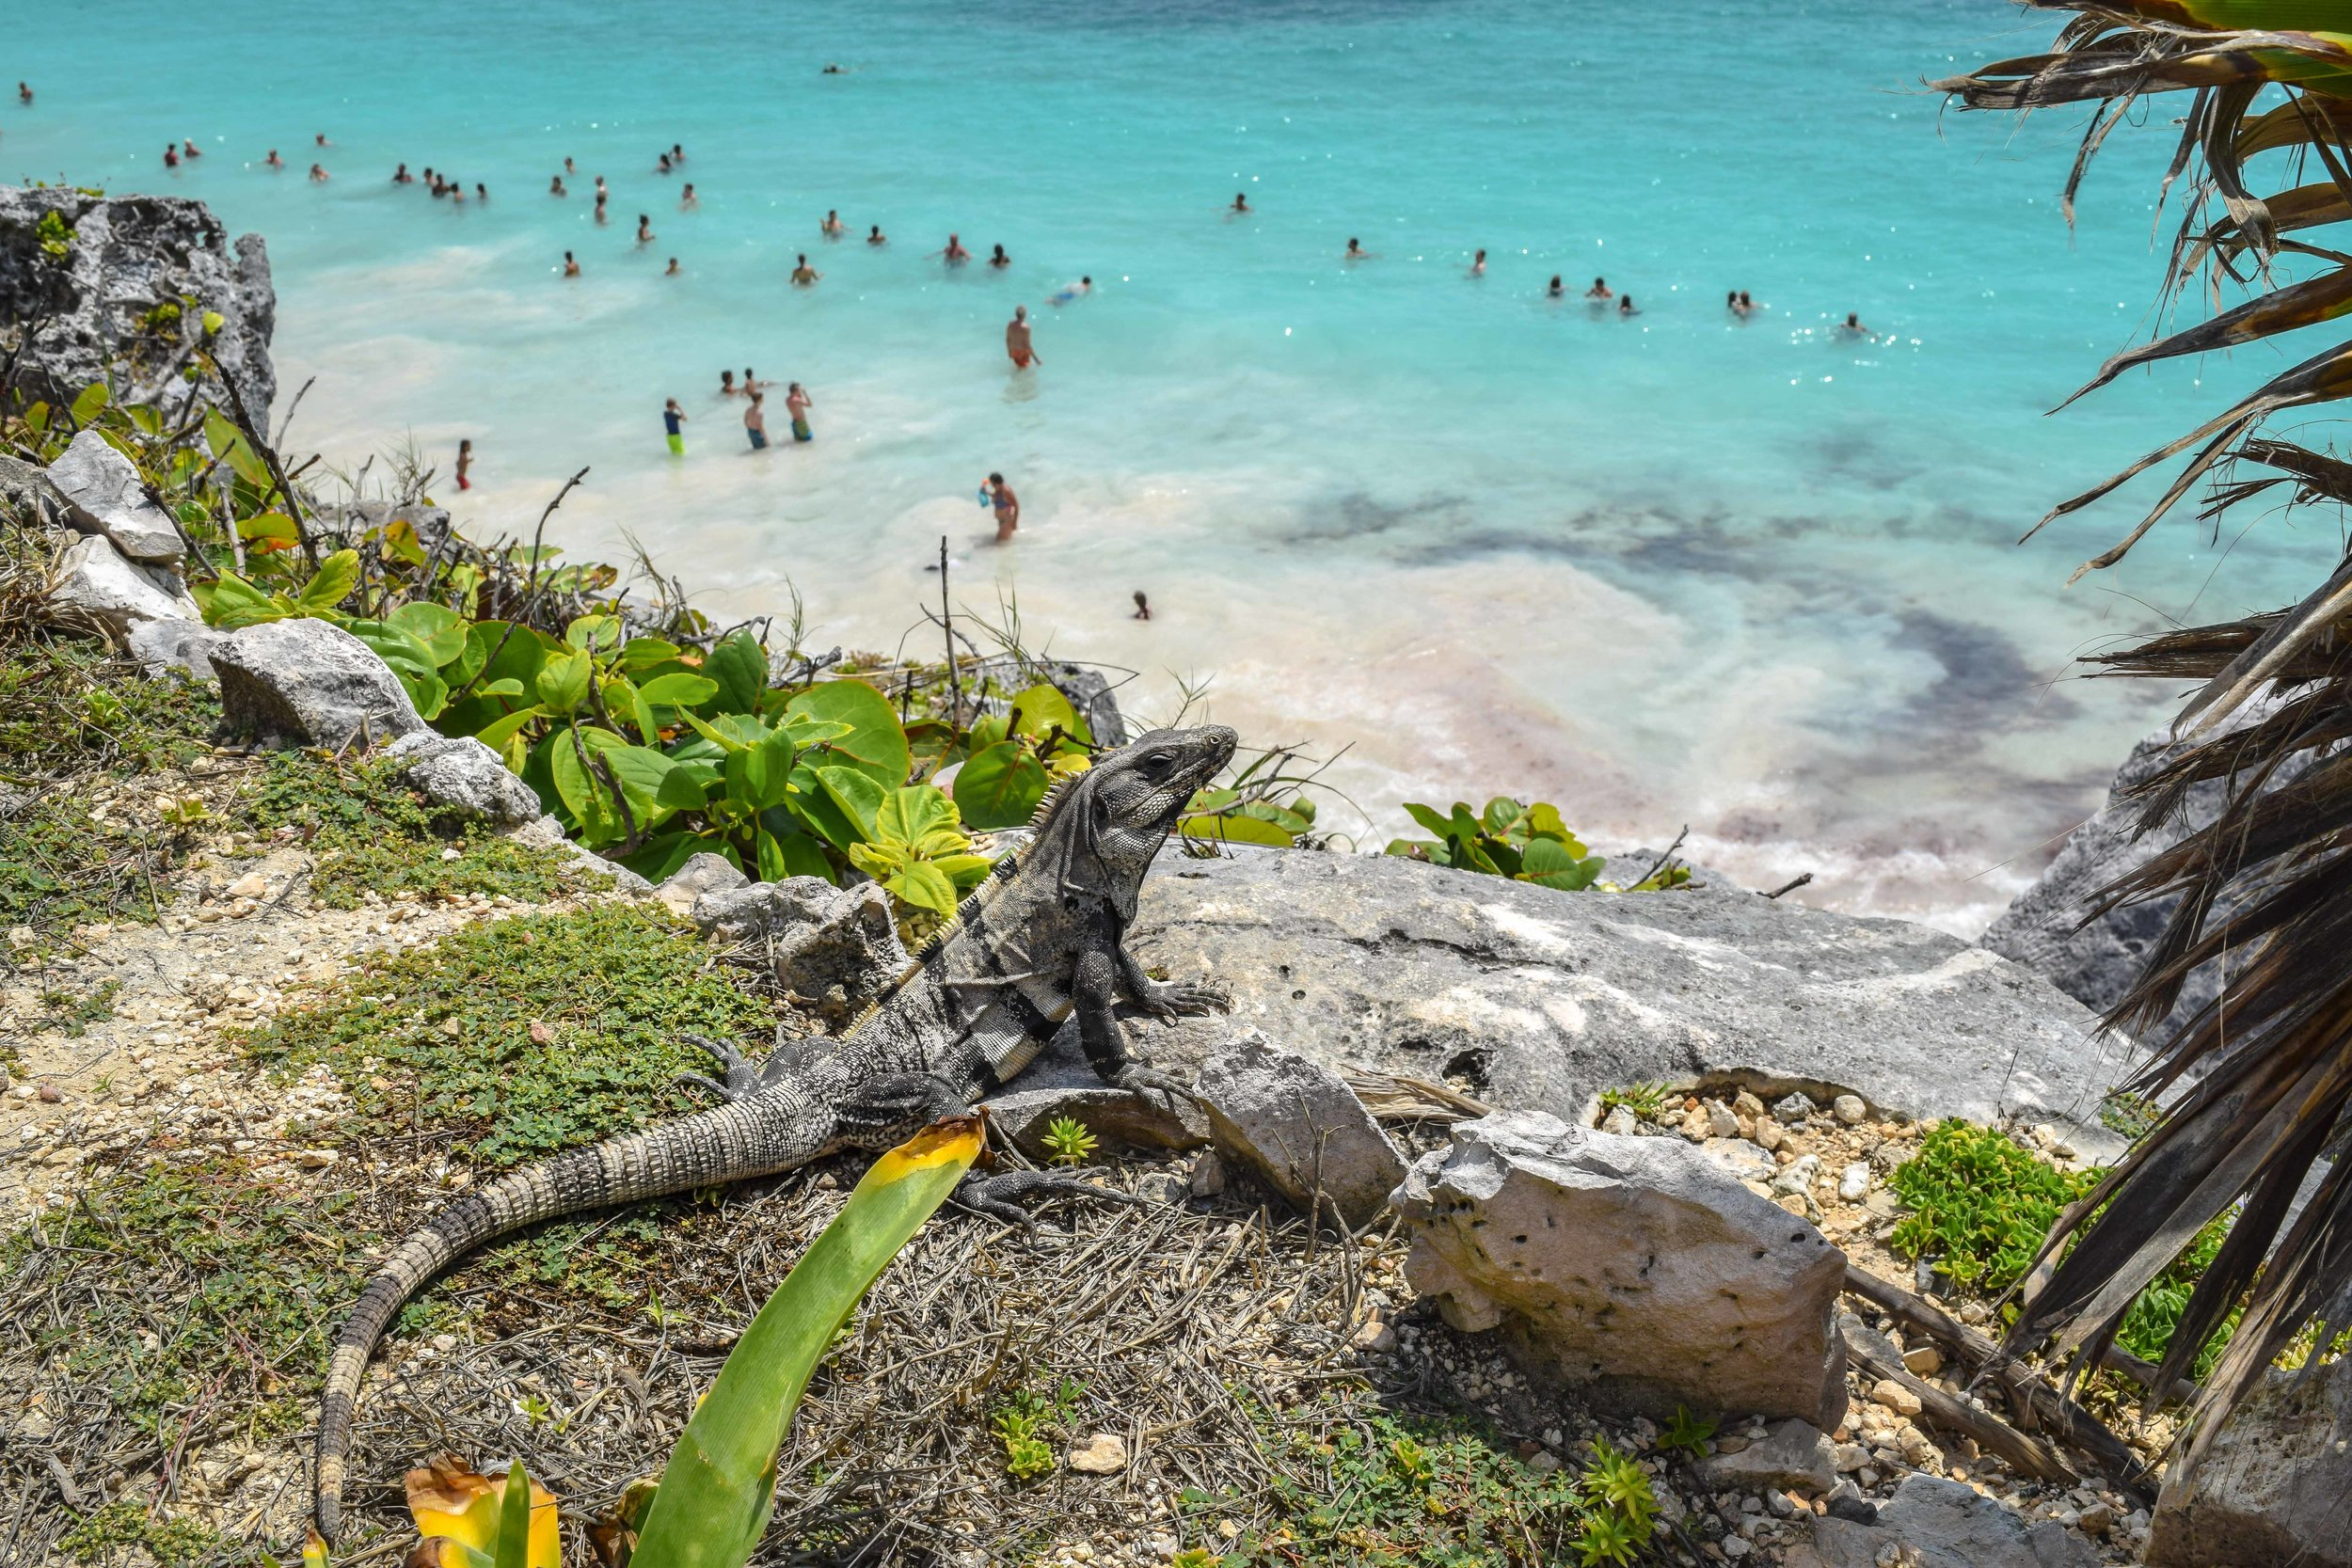 Iguana overlooking tourists bathing in the ocean in Tulum